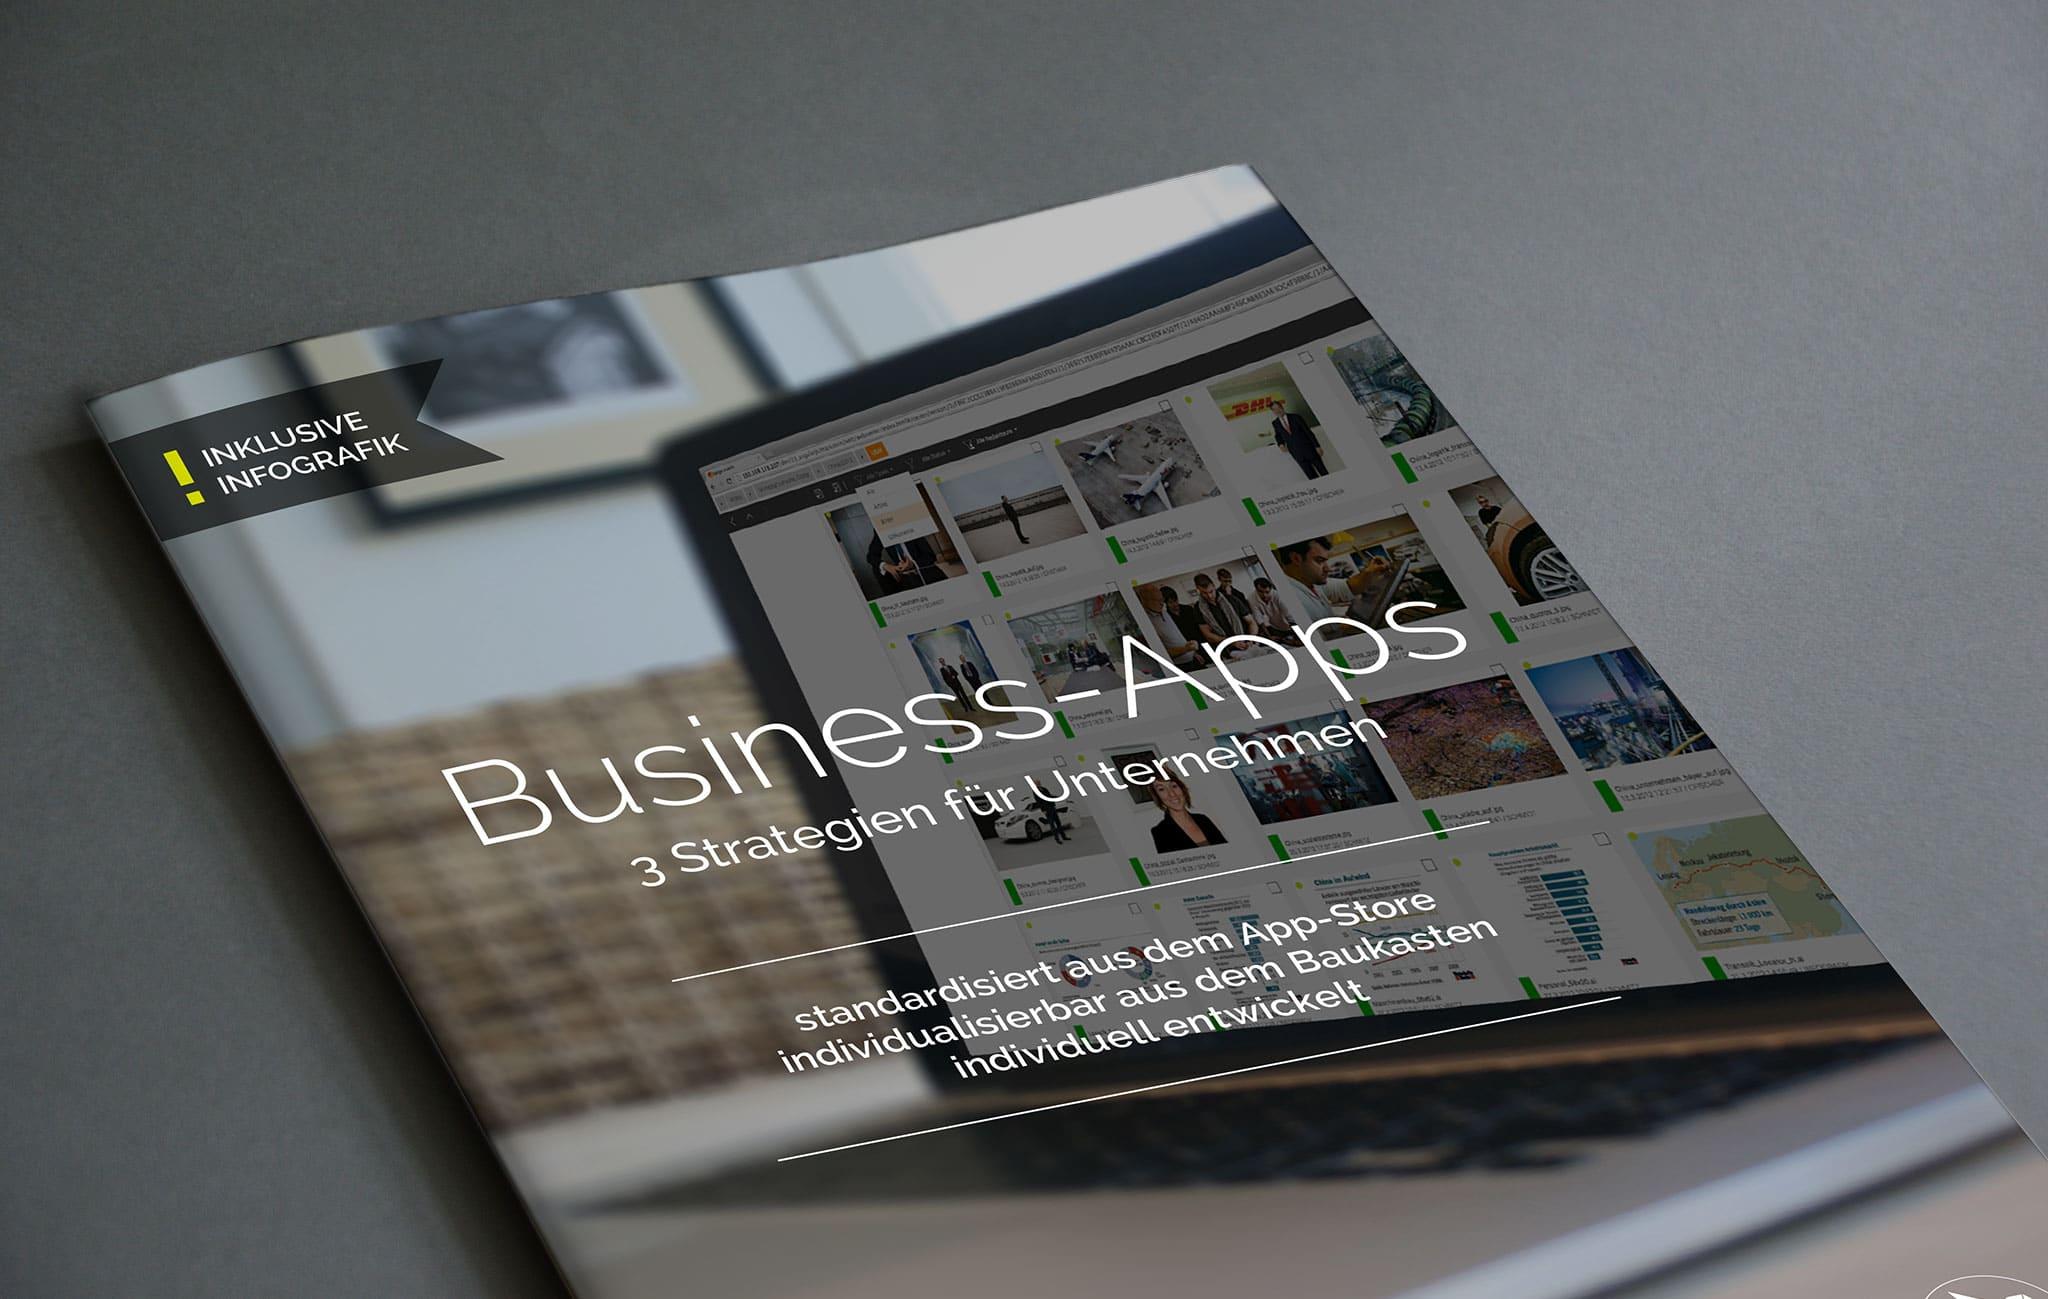 Business-Apps – 3 Strategien für Unternehmen